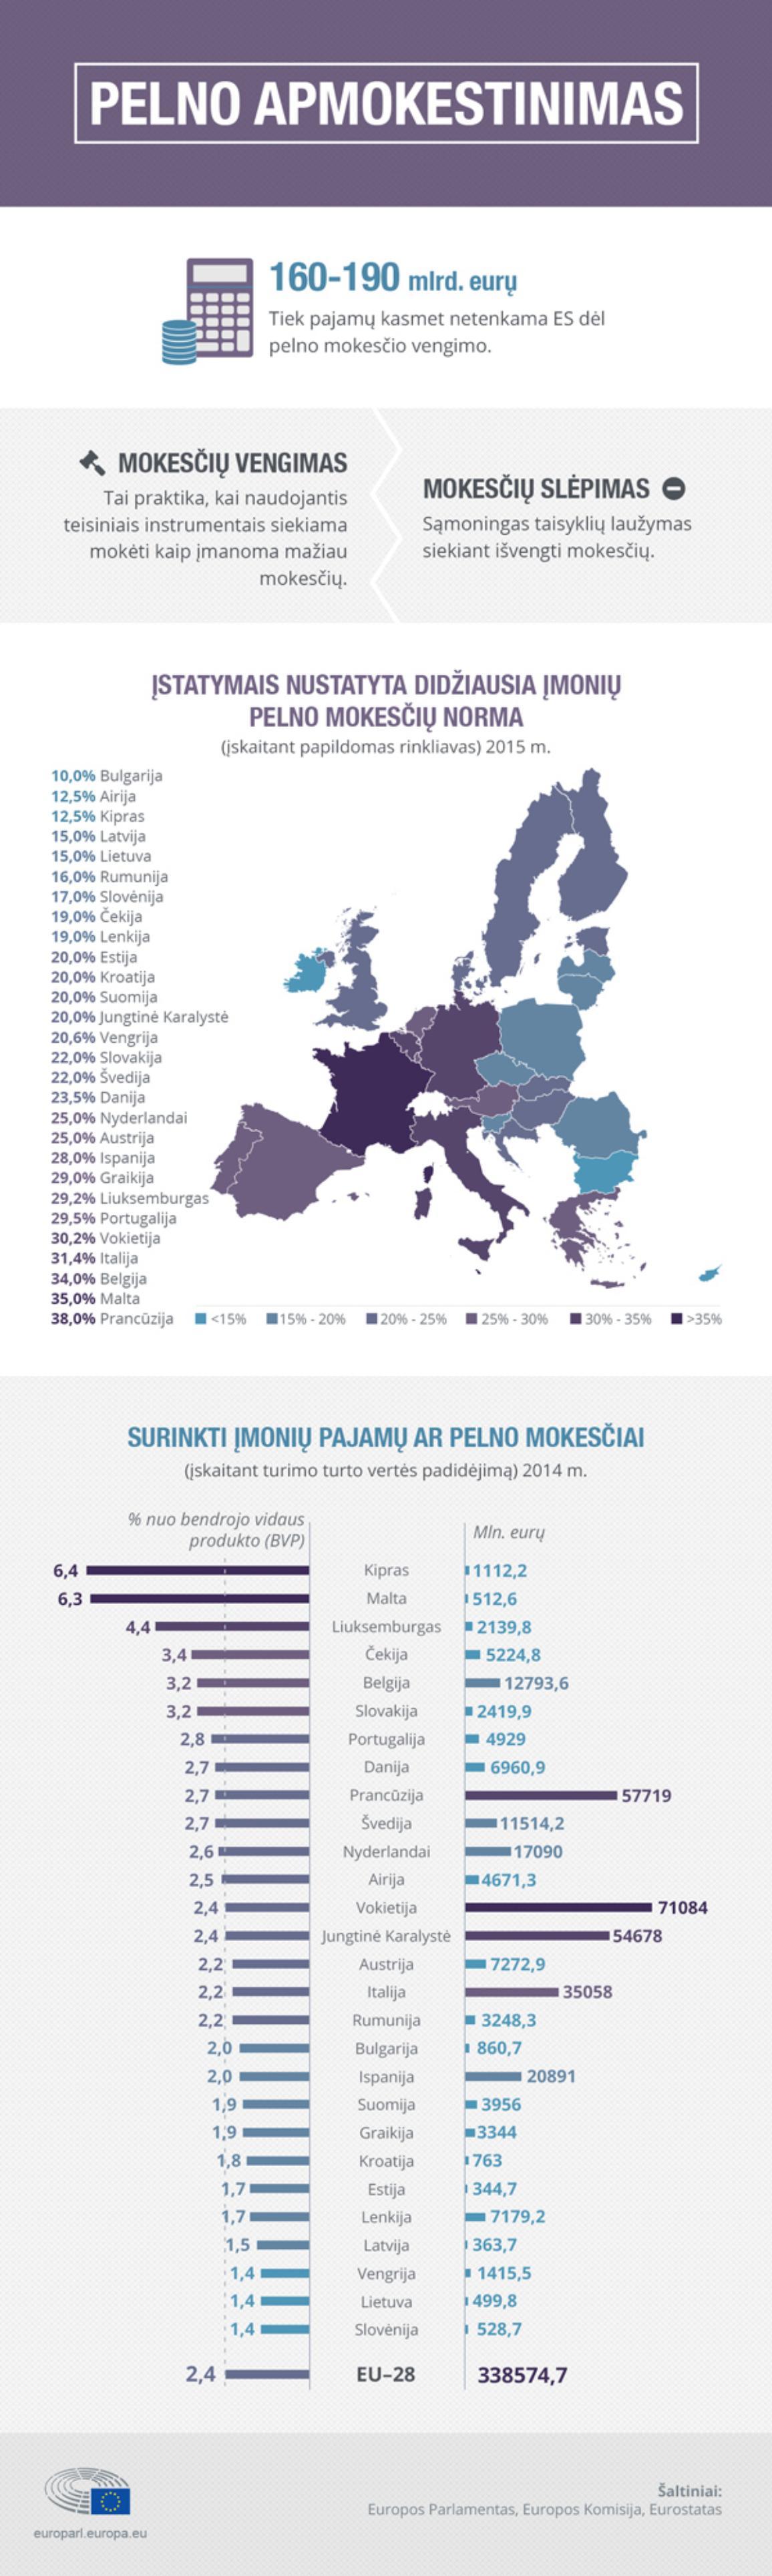 Pelno apmokestinimas ES šalyse: skaičiai ir faktai